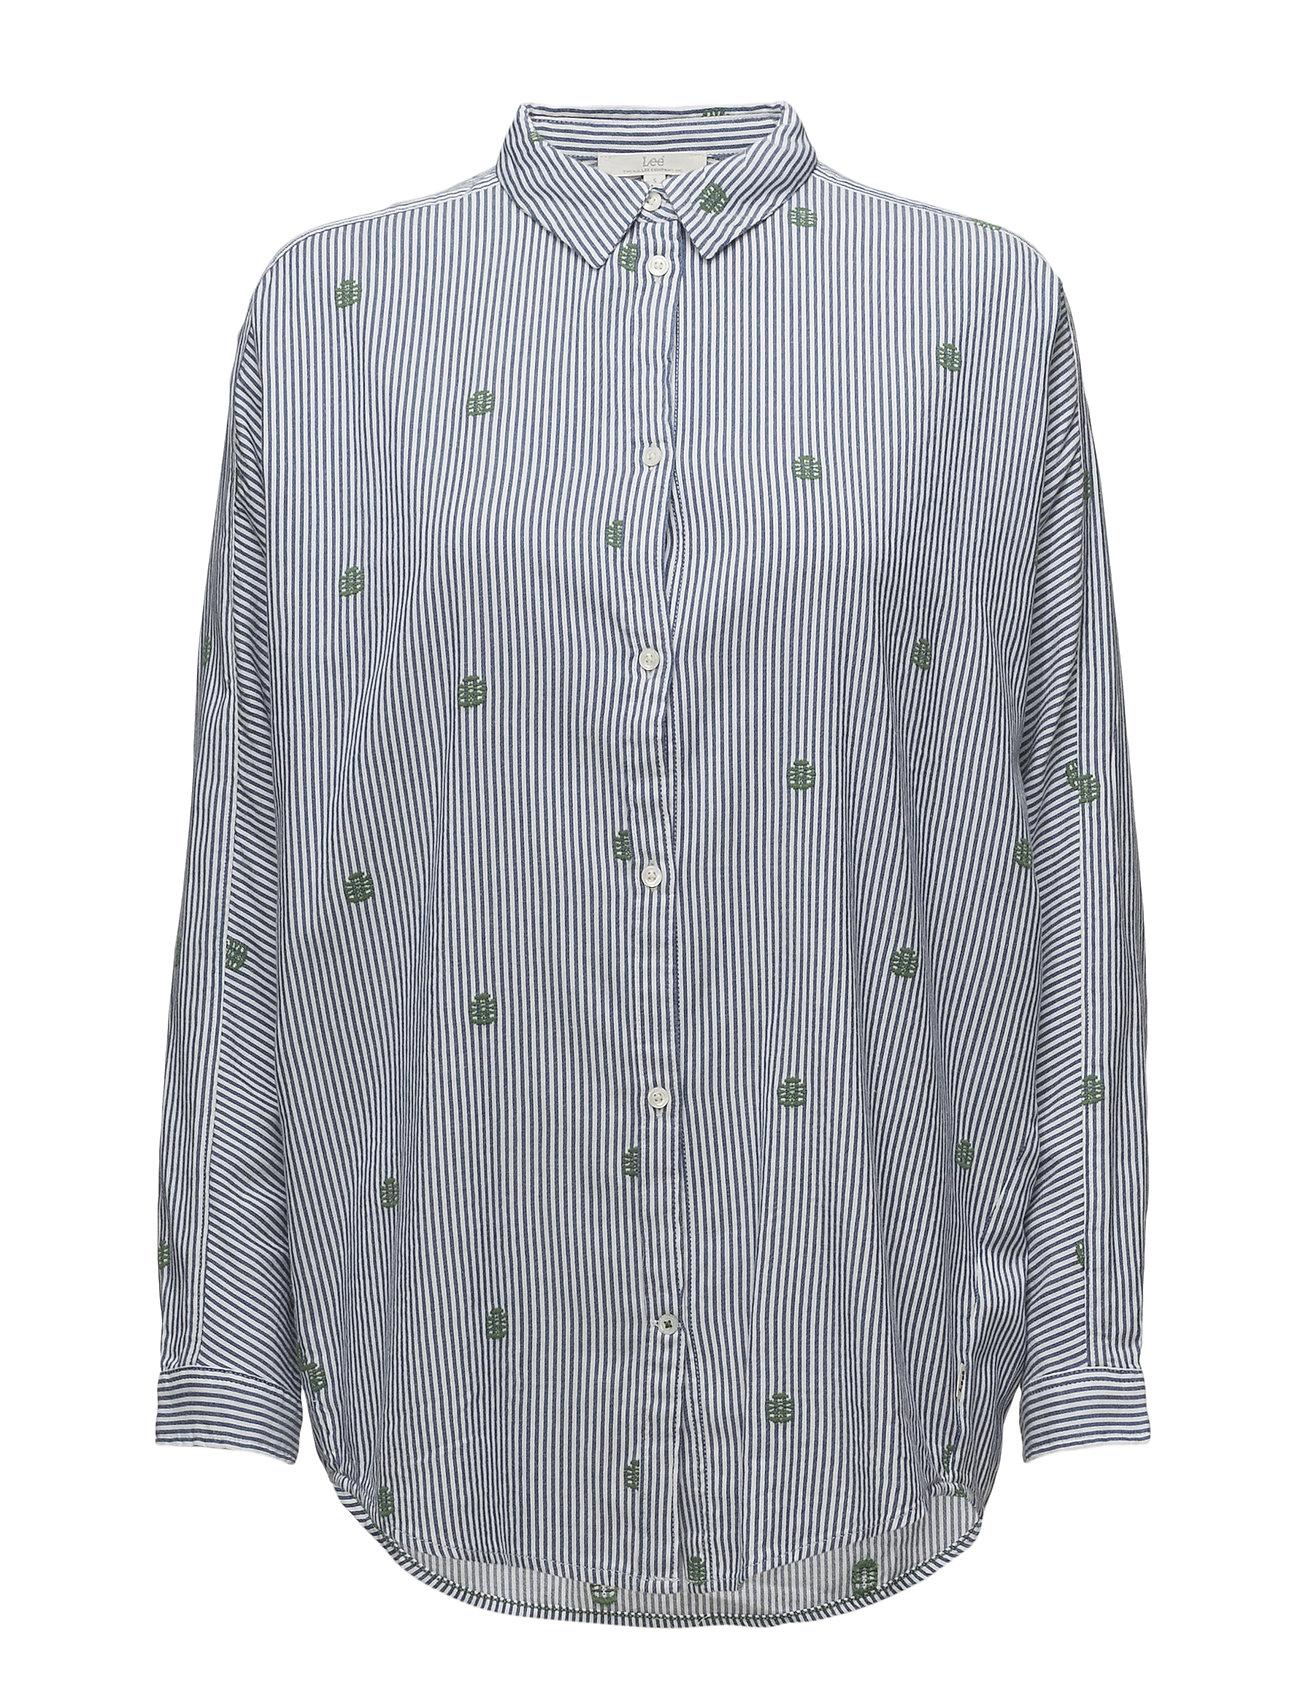 Lee Jeans LONGLINE SHIRT Ögrönlar